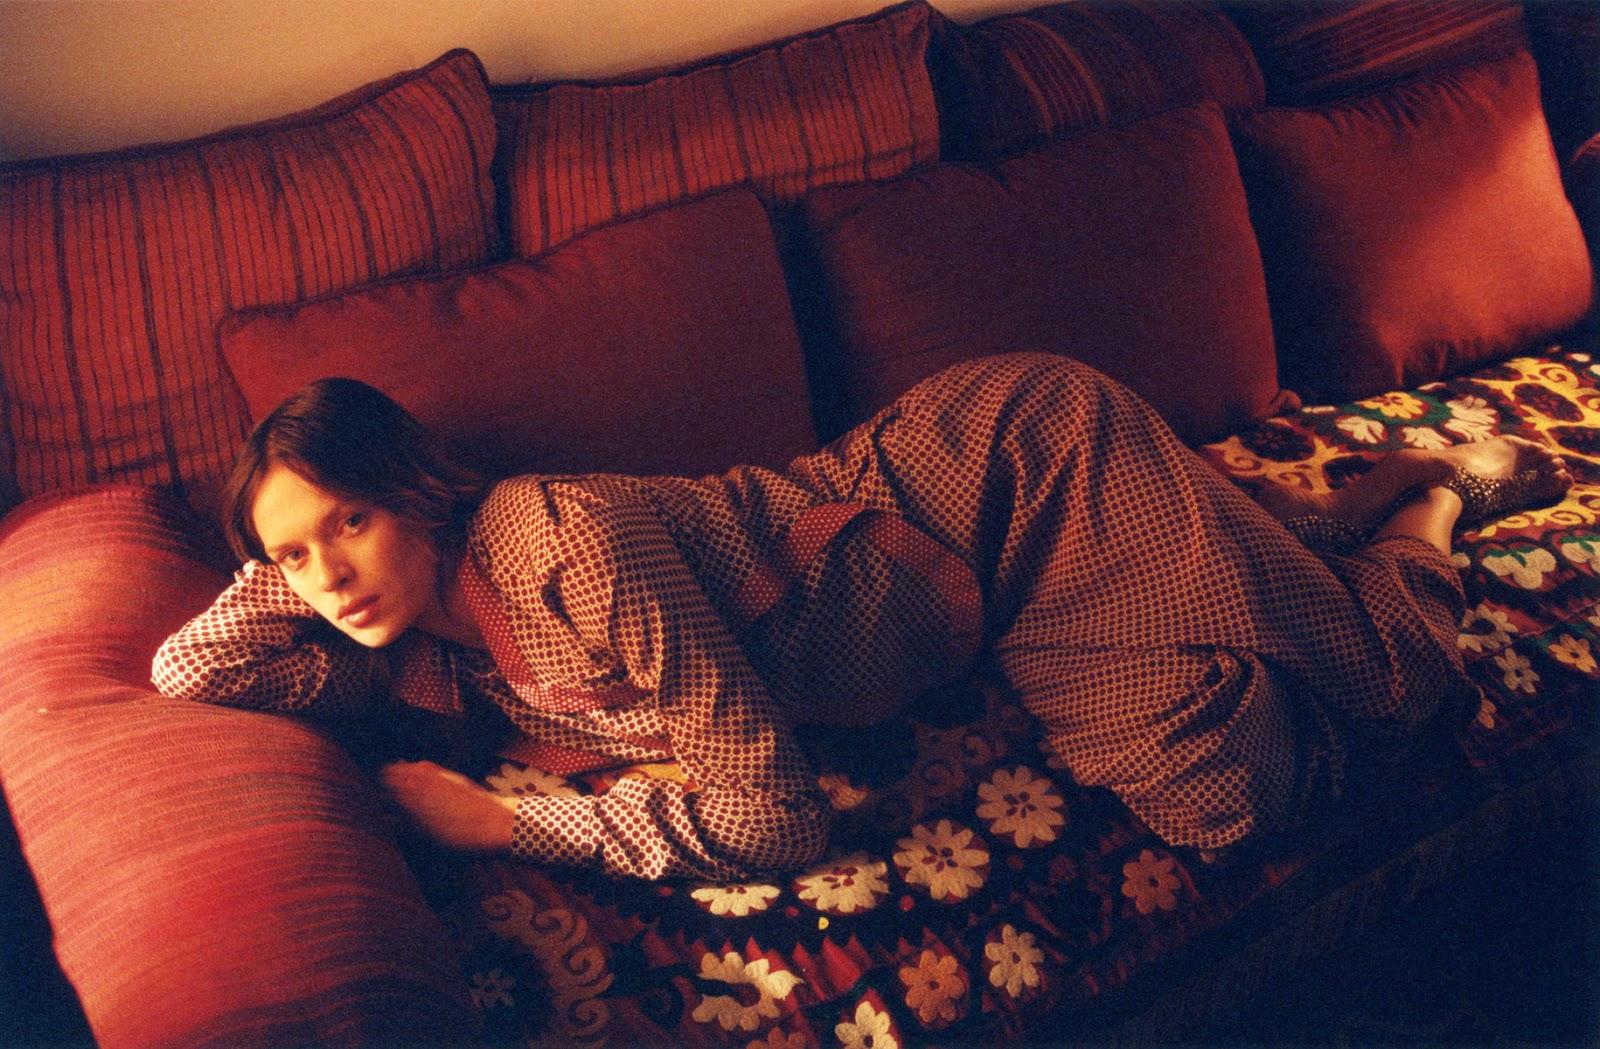 ... disseram-lhe que o coração se enrolava - sem saber - em novelos de lã, difíceis de prever, em dias frios e tristes...